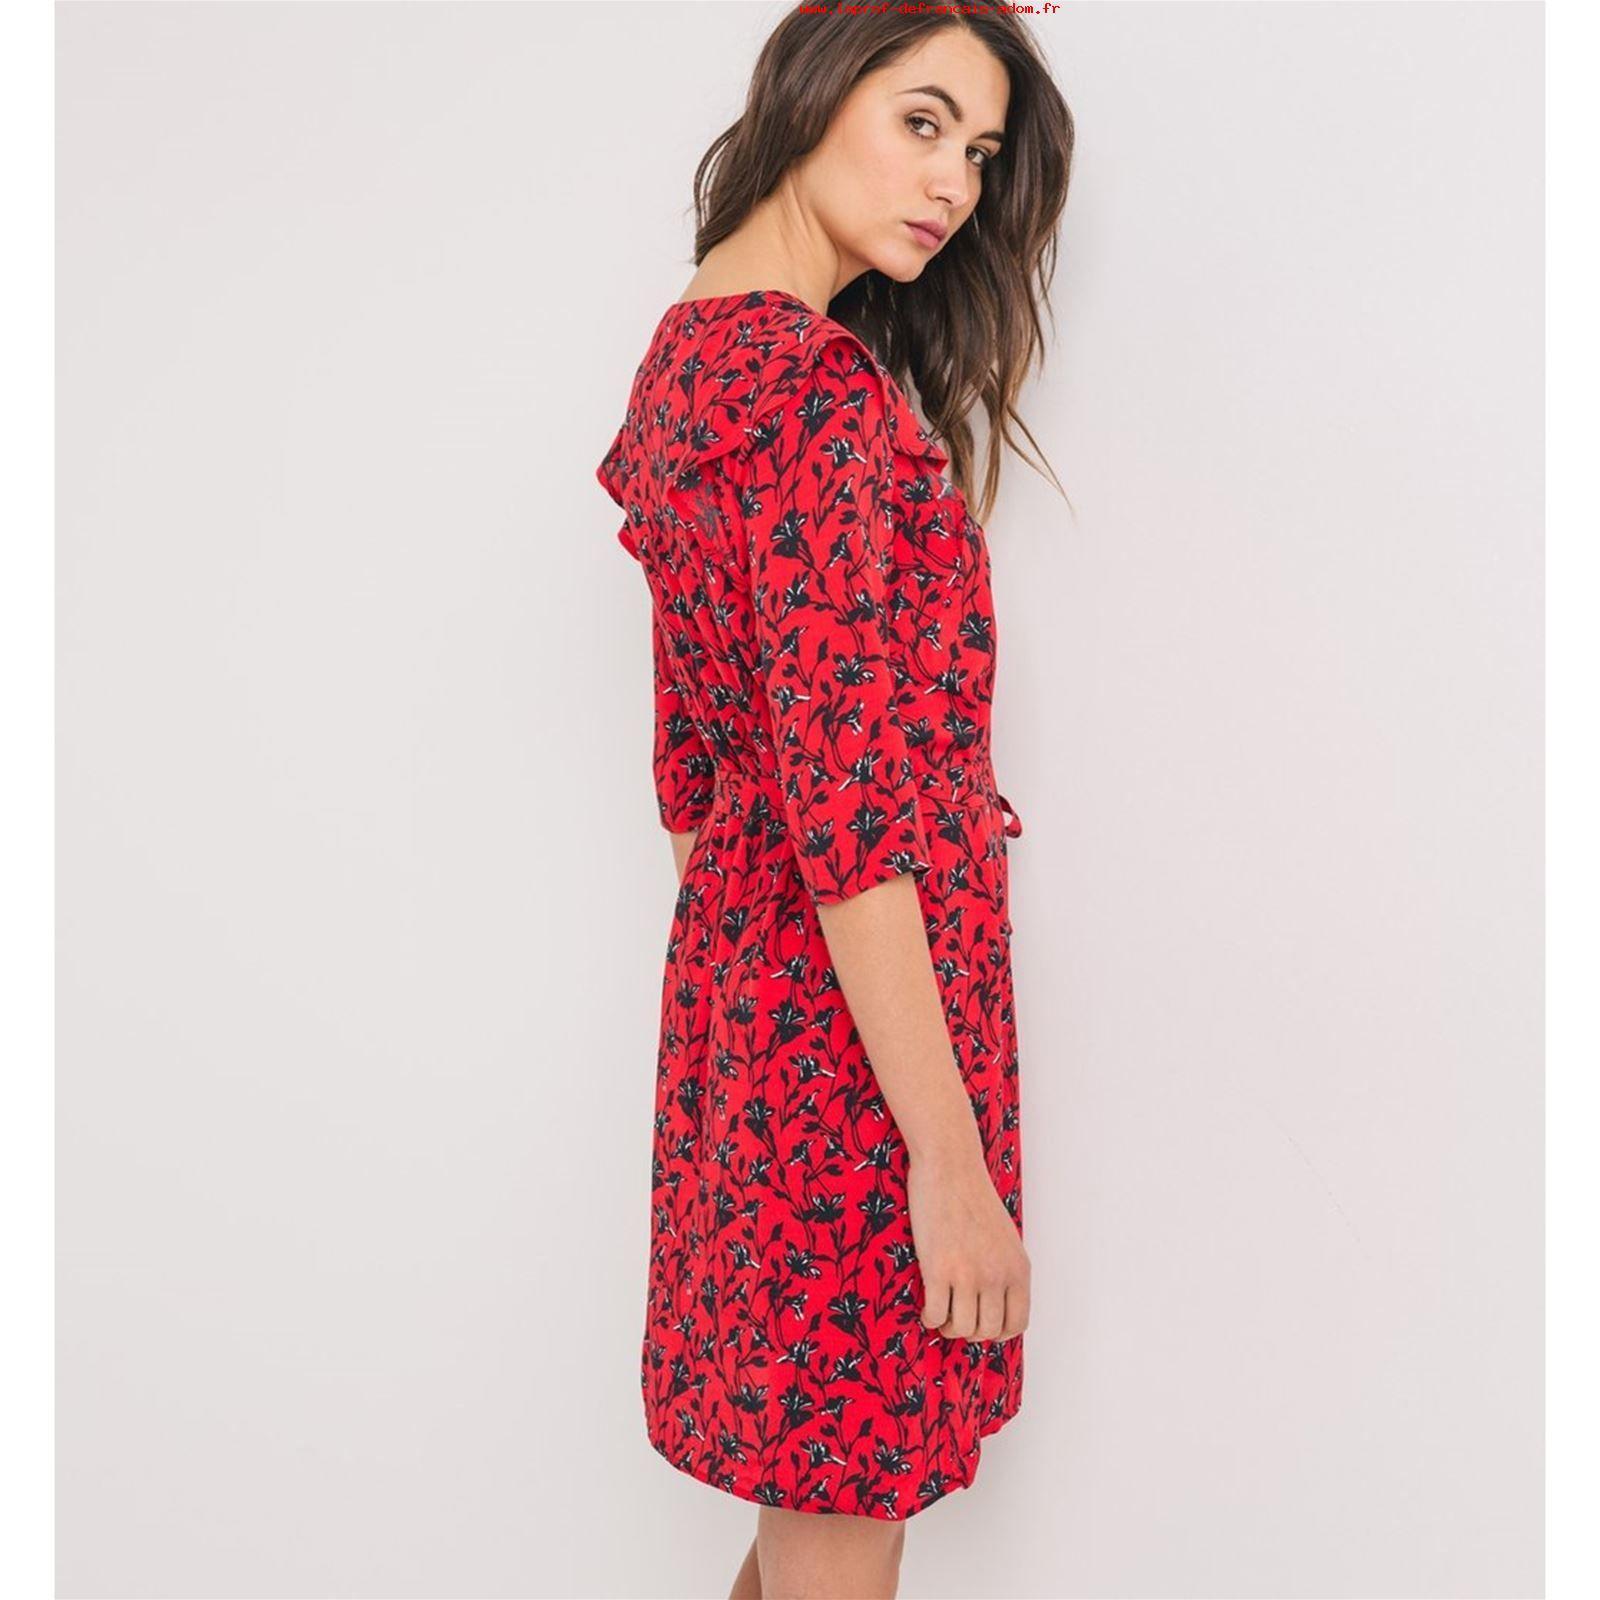 Robe rouge promod